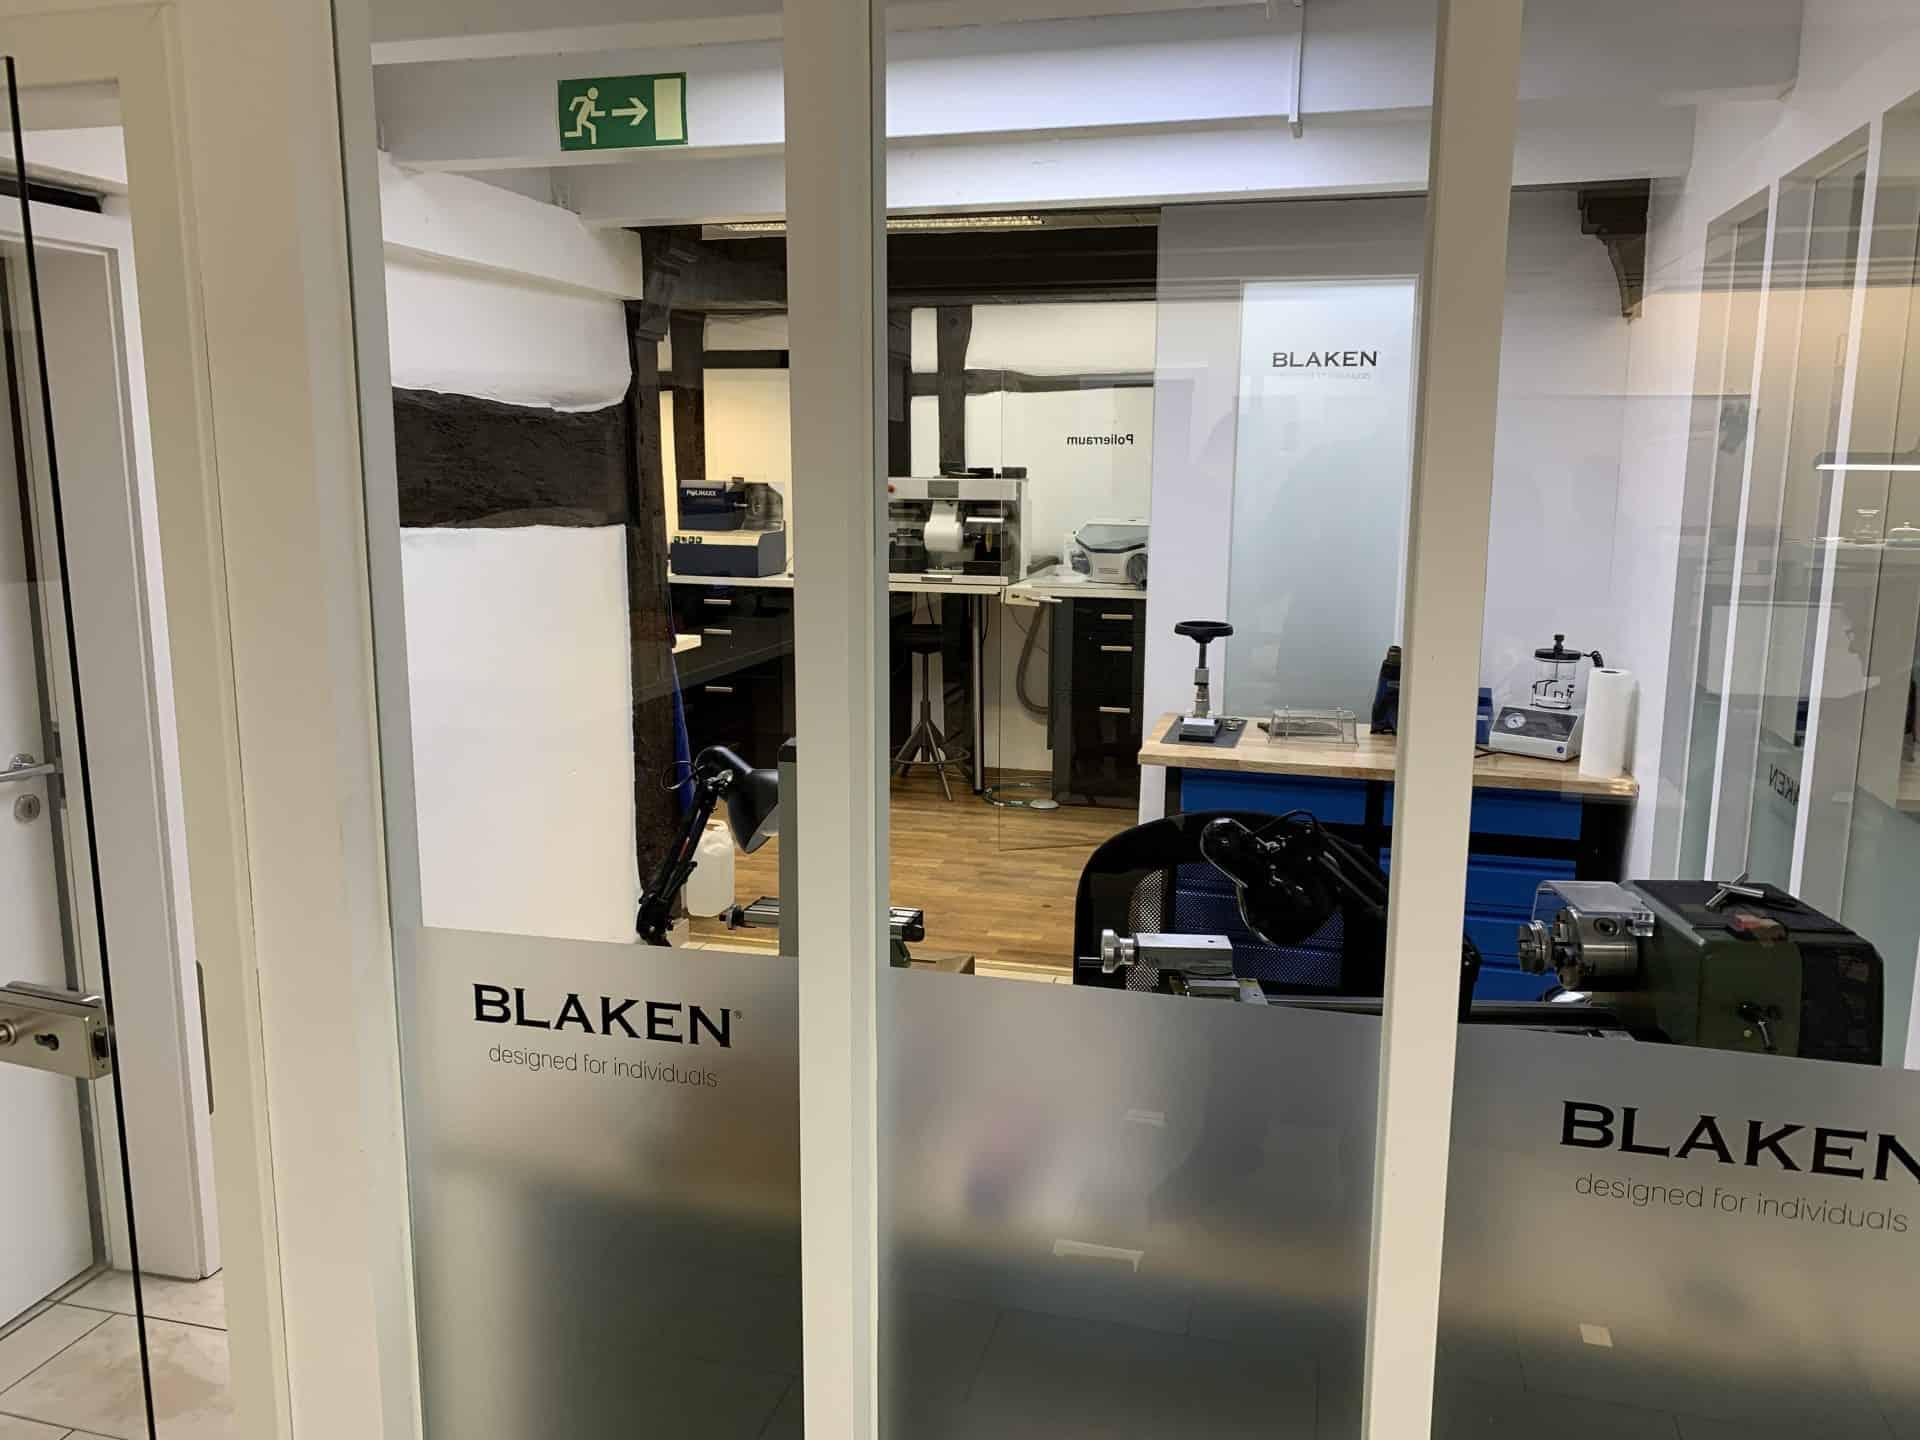 Blaken Manufaktur: Werkstatt für unsaubere Arbeiten wie Polieren und Schleifen